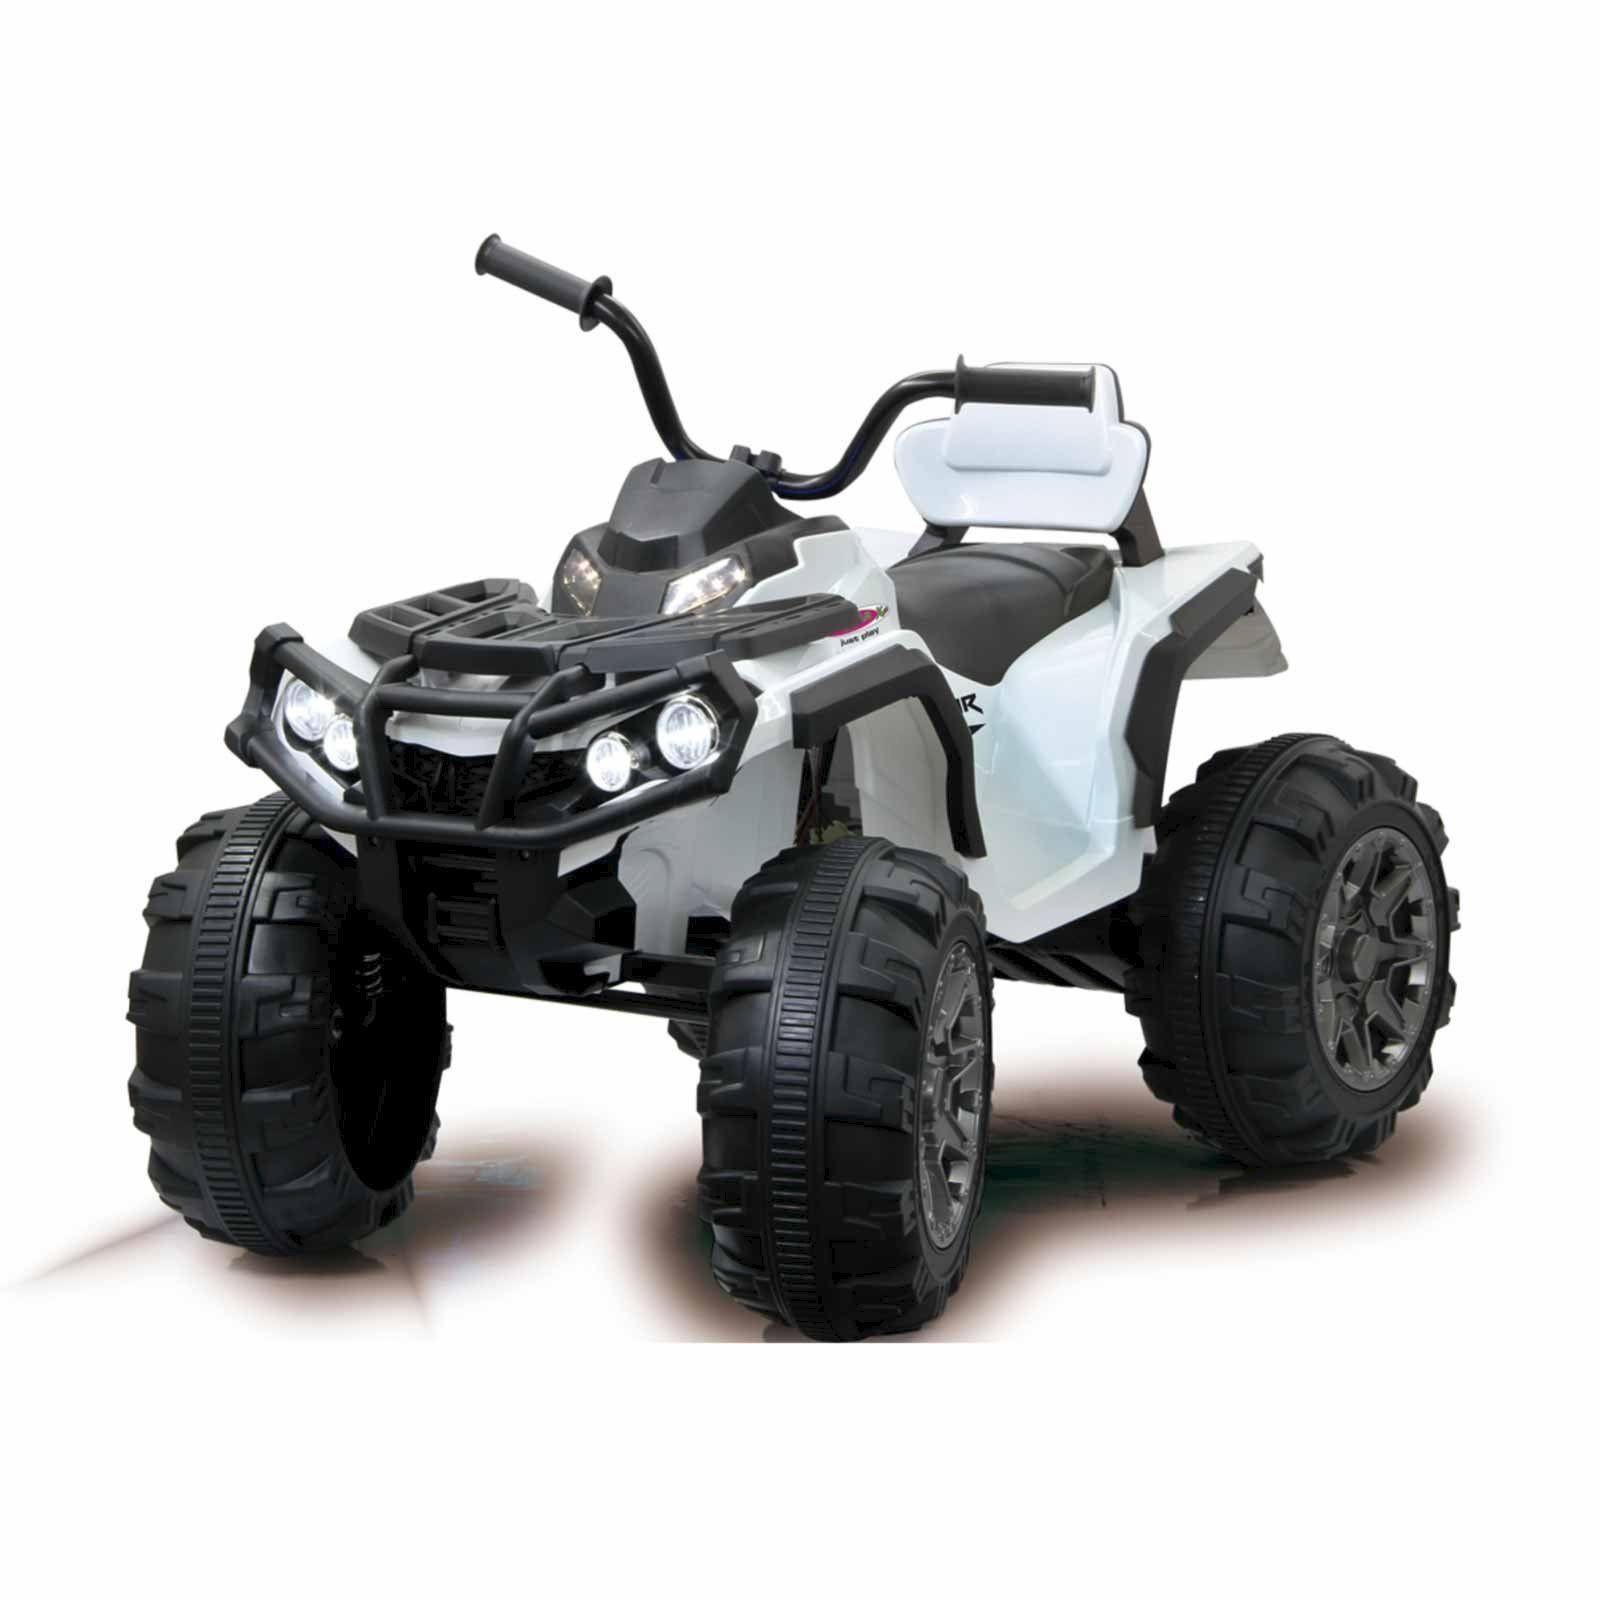 Elektrisches Quad Kinderauto 12V Frontscheinwerfer + 2 Gang Turbo